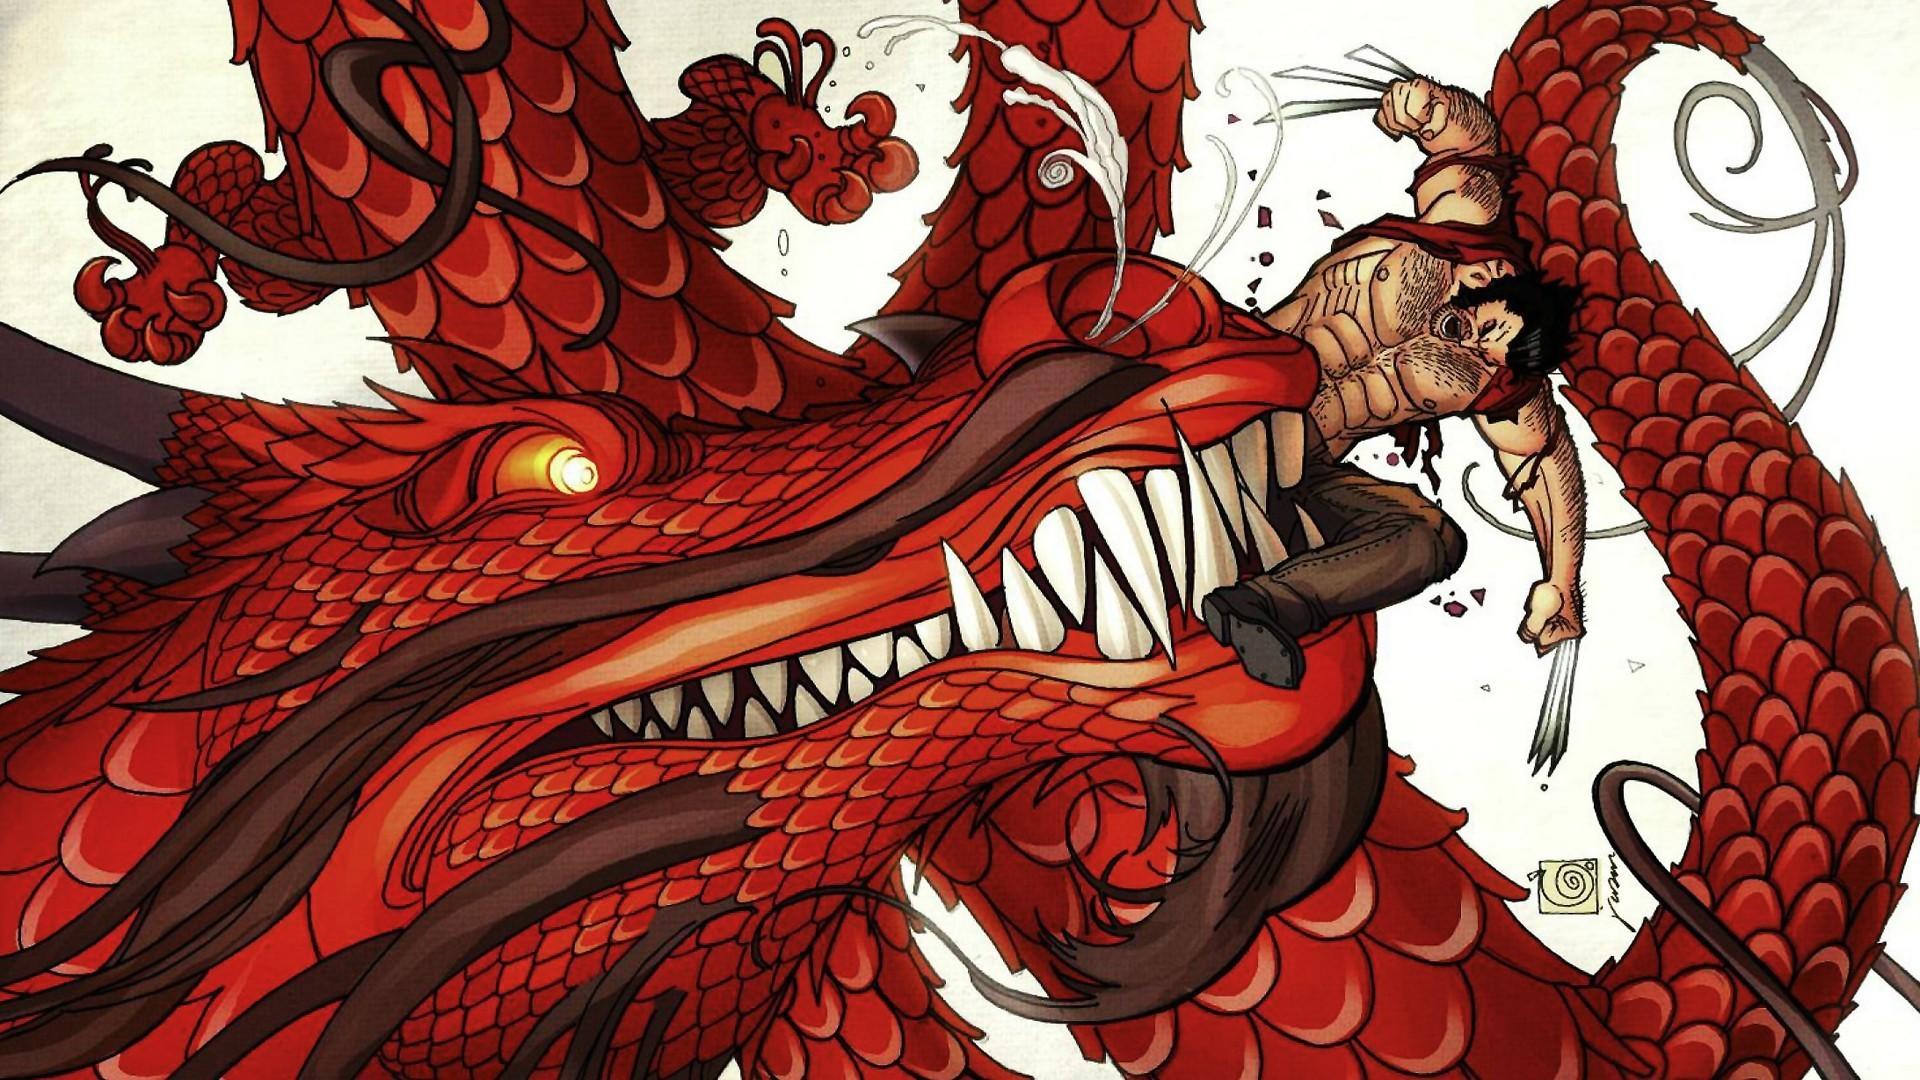 Res: 1920x1080, Dragons comics wolverine wallpaper